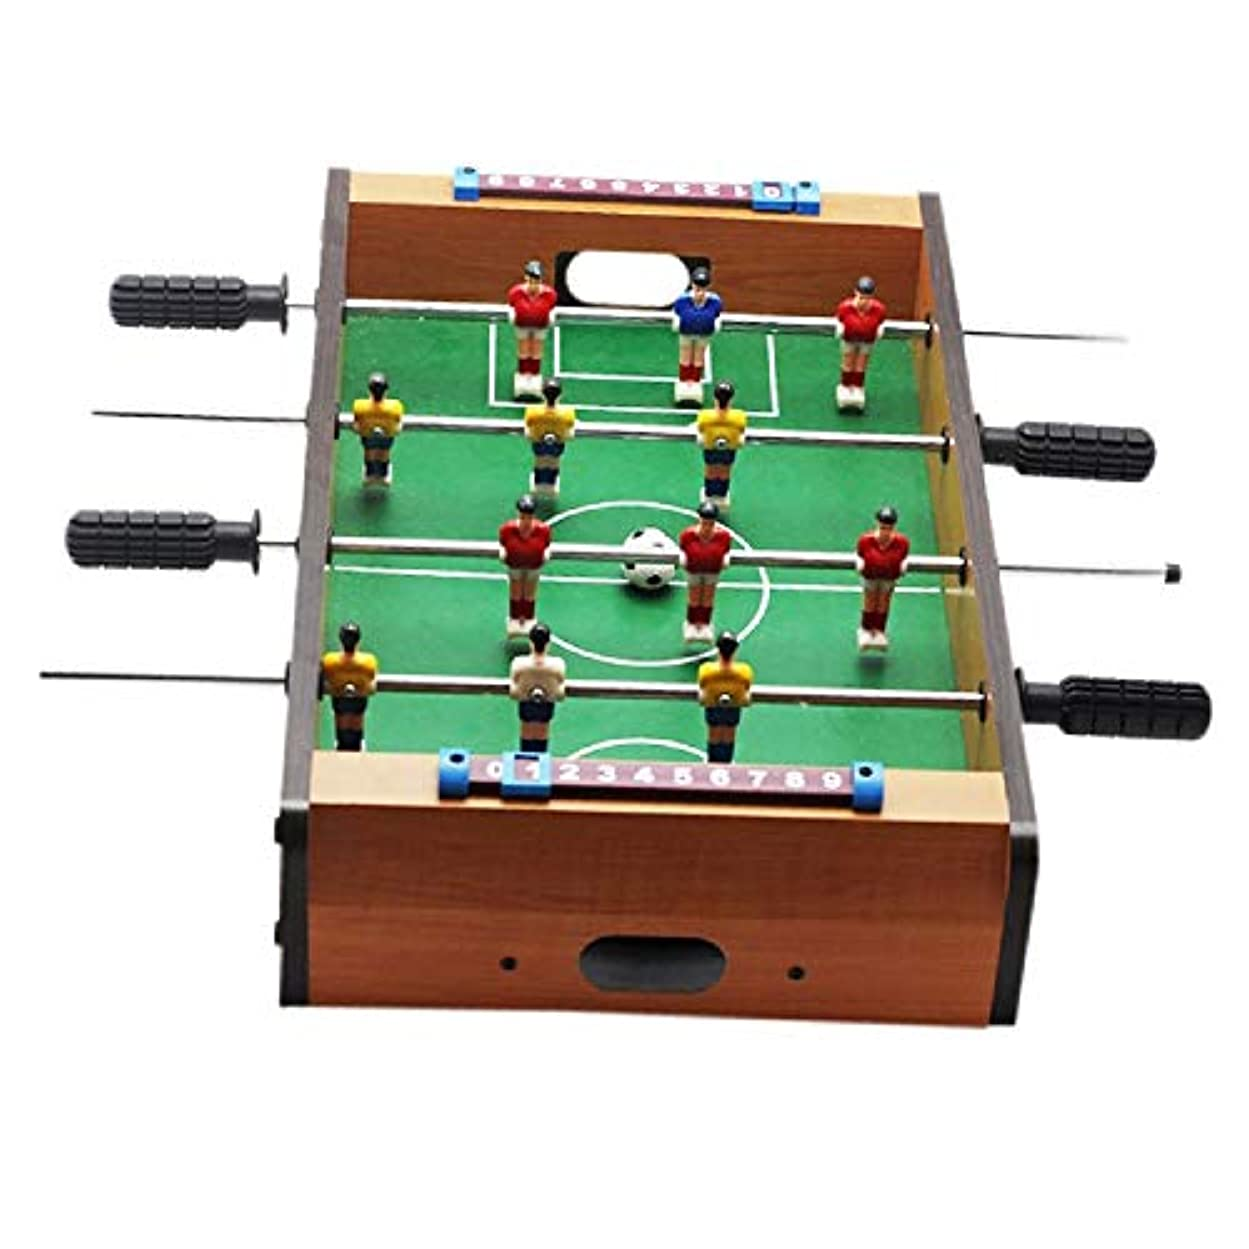 テーブルゲームDIYの小型フットボールのセット、木の空想のおもちゃ解放圧力